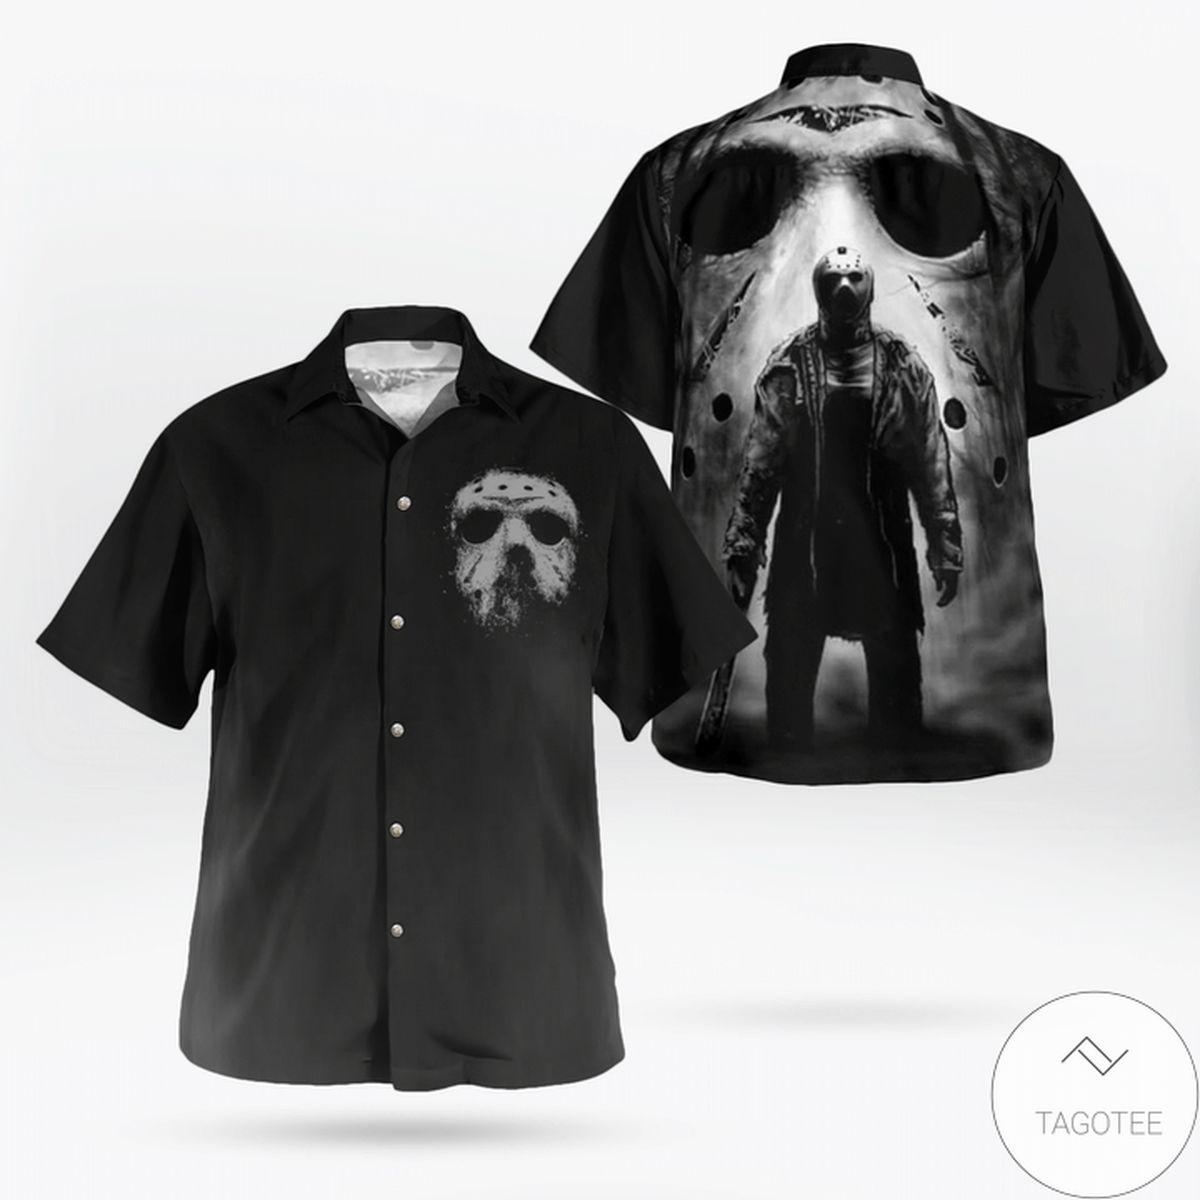 Jason Voorhees Black Horror Button Up Hawaiian Shirt